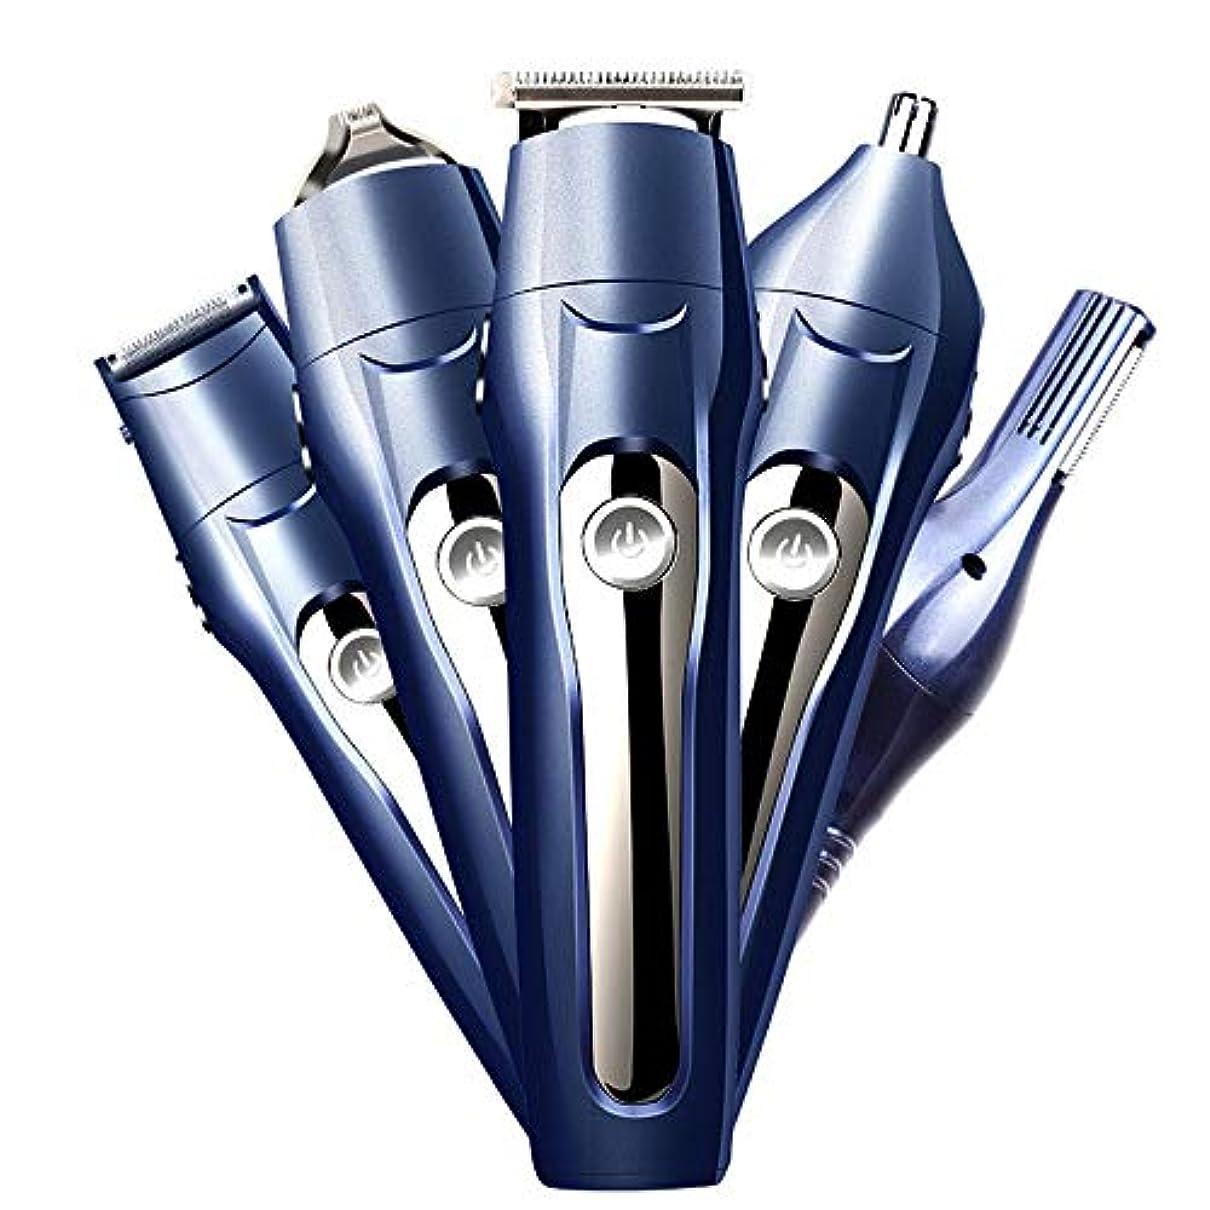 クラッチ寝具違う5-IN-1ノーズトリマーアタッチメント付きマルチグルーミングキットのひげと髪 - 携帯便利 男女兼用 (Color : Blue, Size : USB)